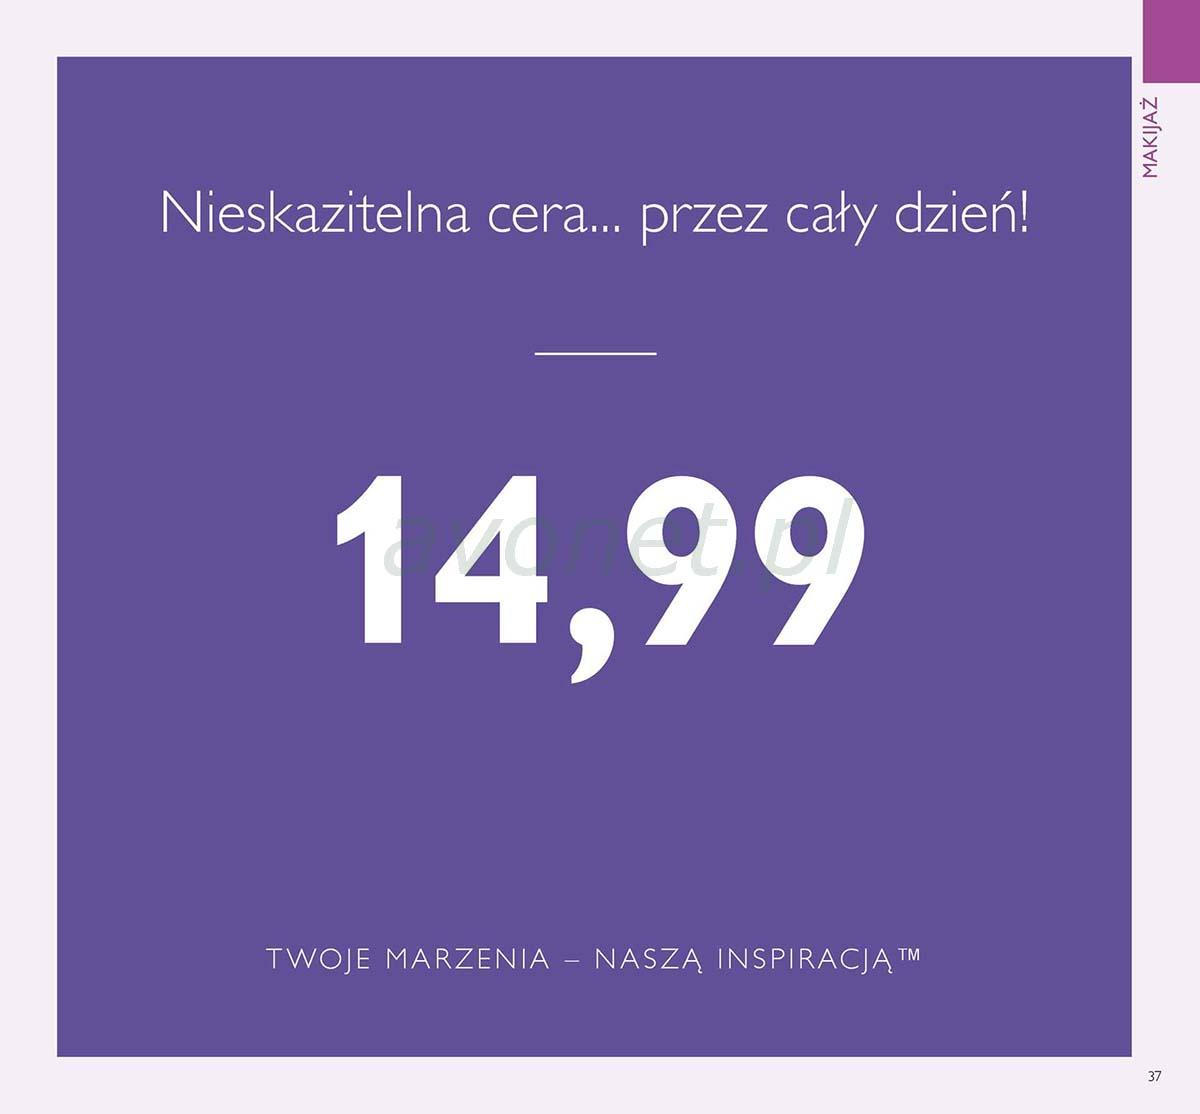 2018003-037-pl-pl